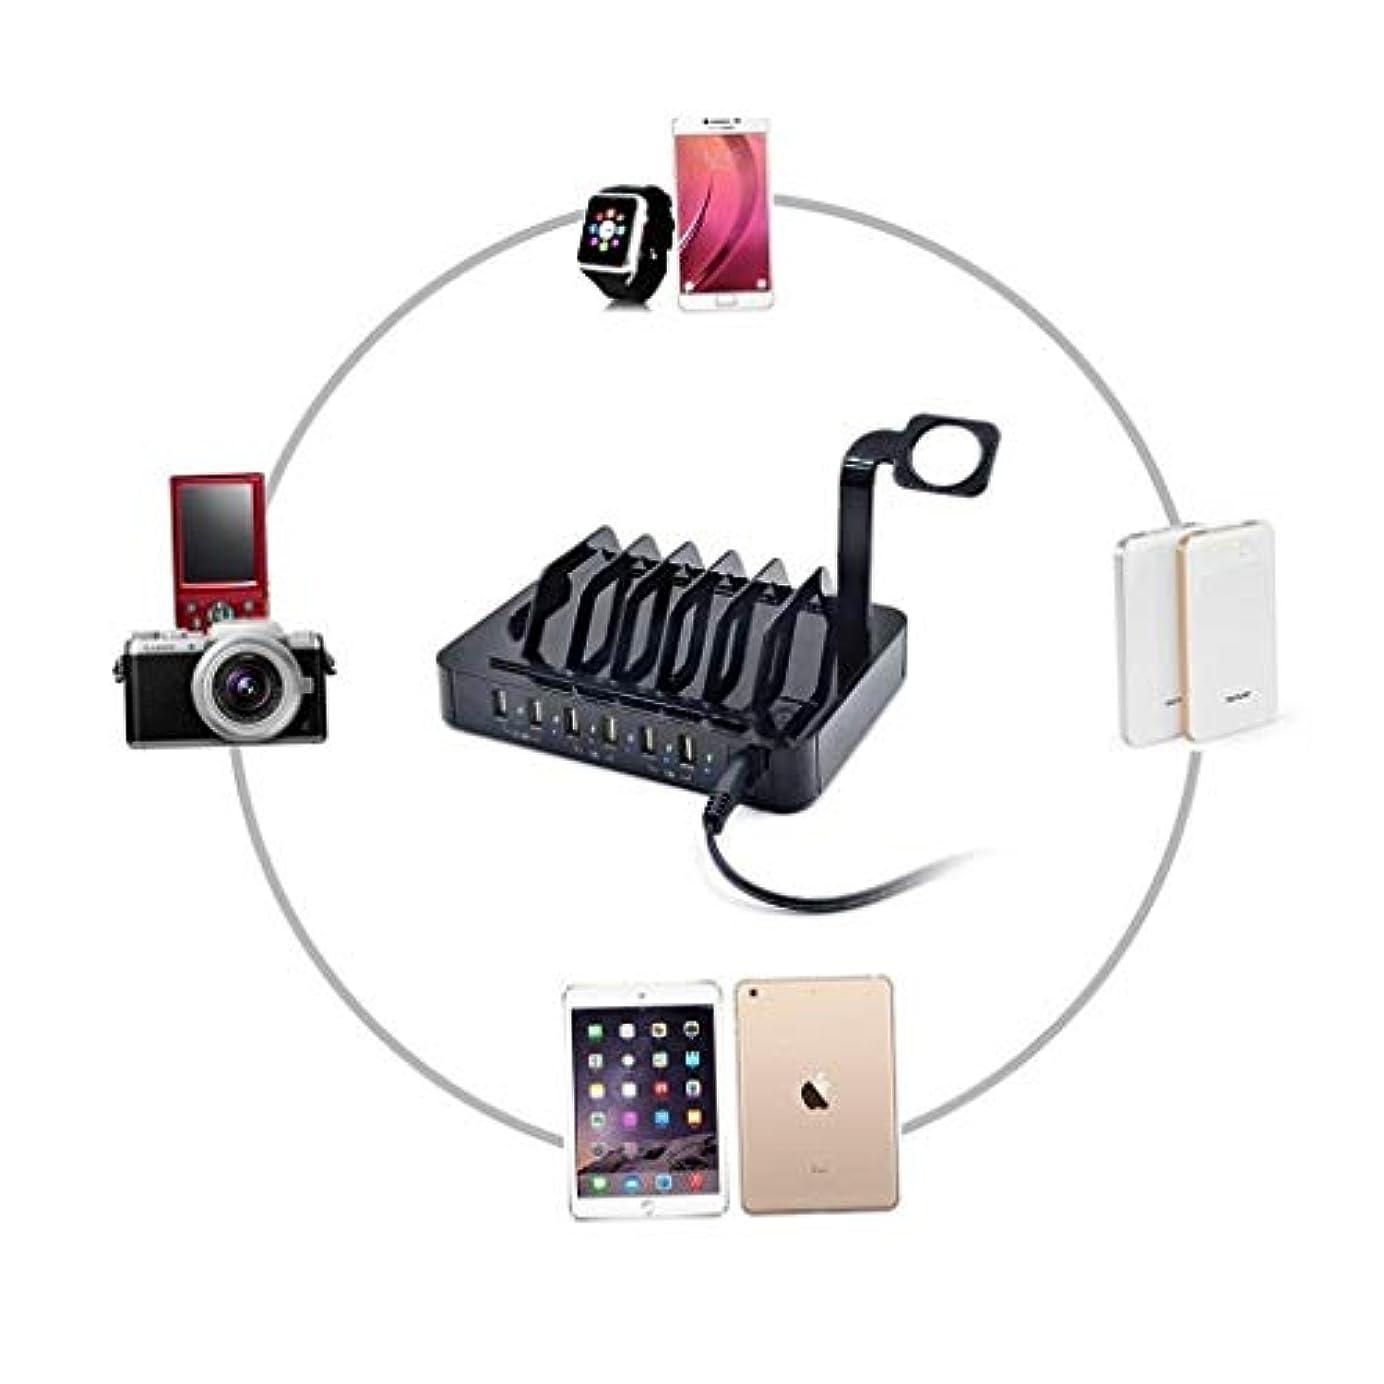 キャラクターフォーク楽しませる複数の電話用充電ドックステーション6ポート、マルチ充電ウォッチと互換性の駅、電話、タブレットを充電